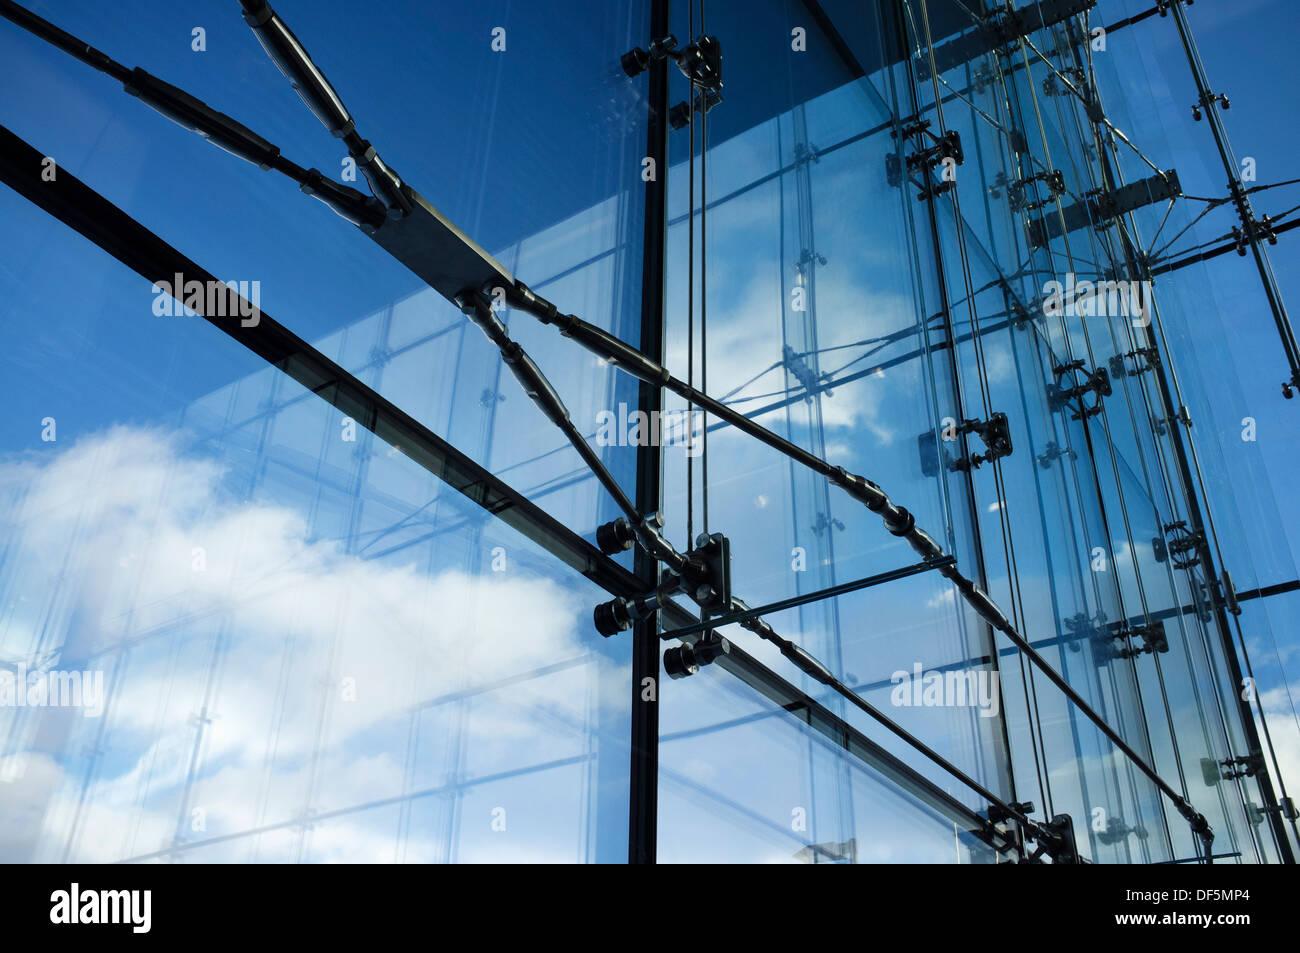 Dettaglio di architettura moderna: Interni in acciaio e strutture in vetro. Immagini Stock